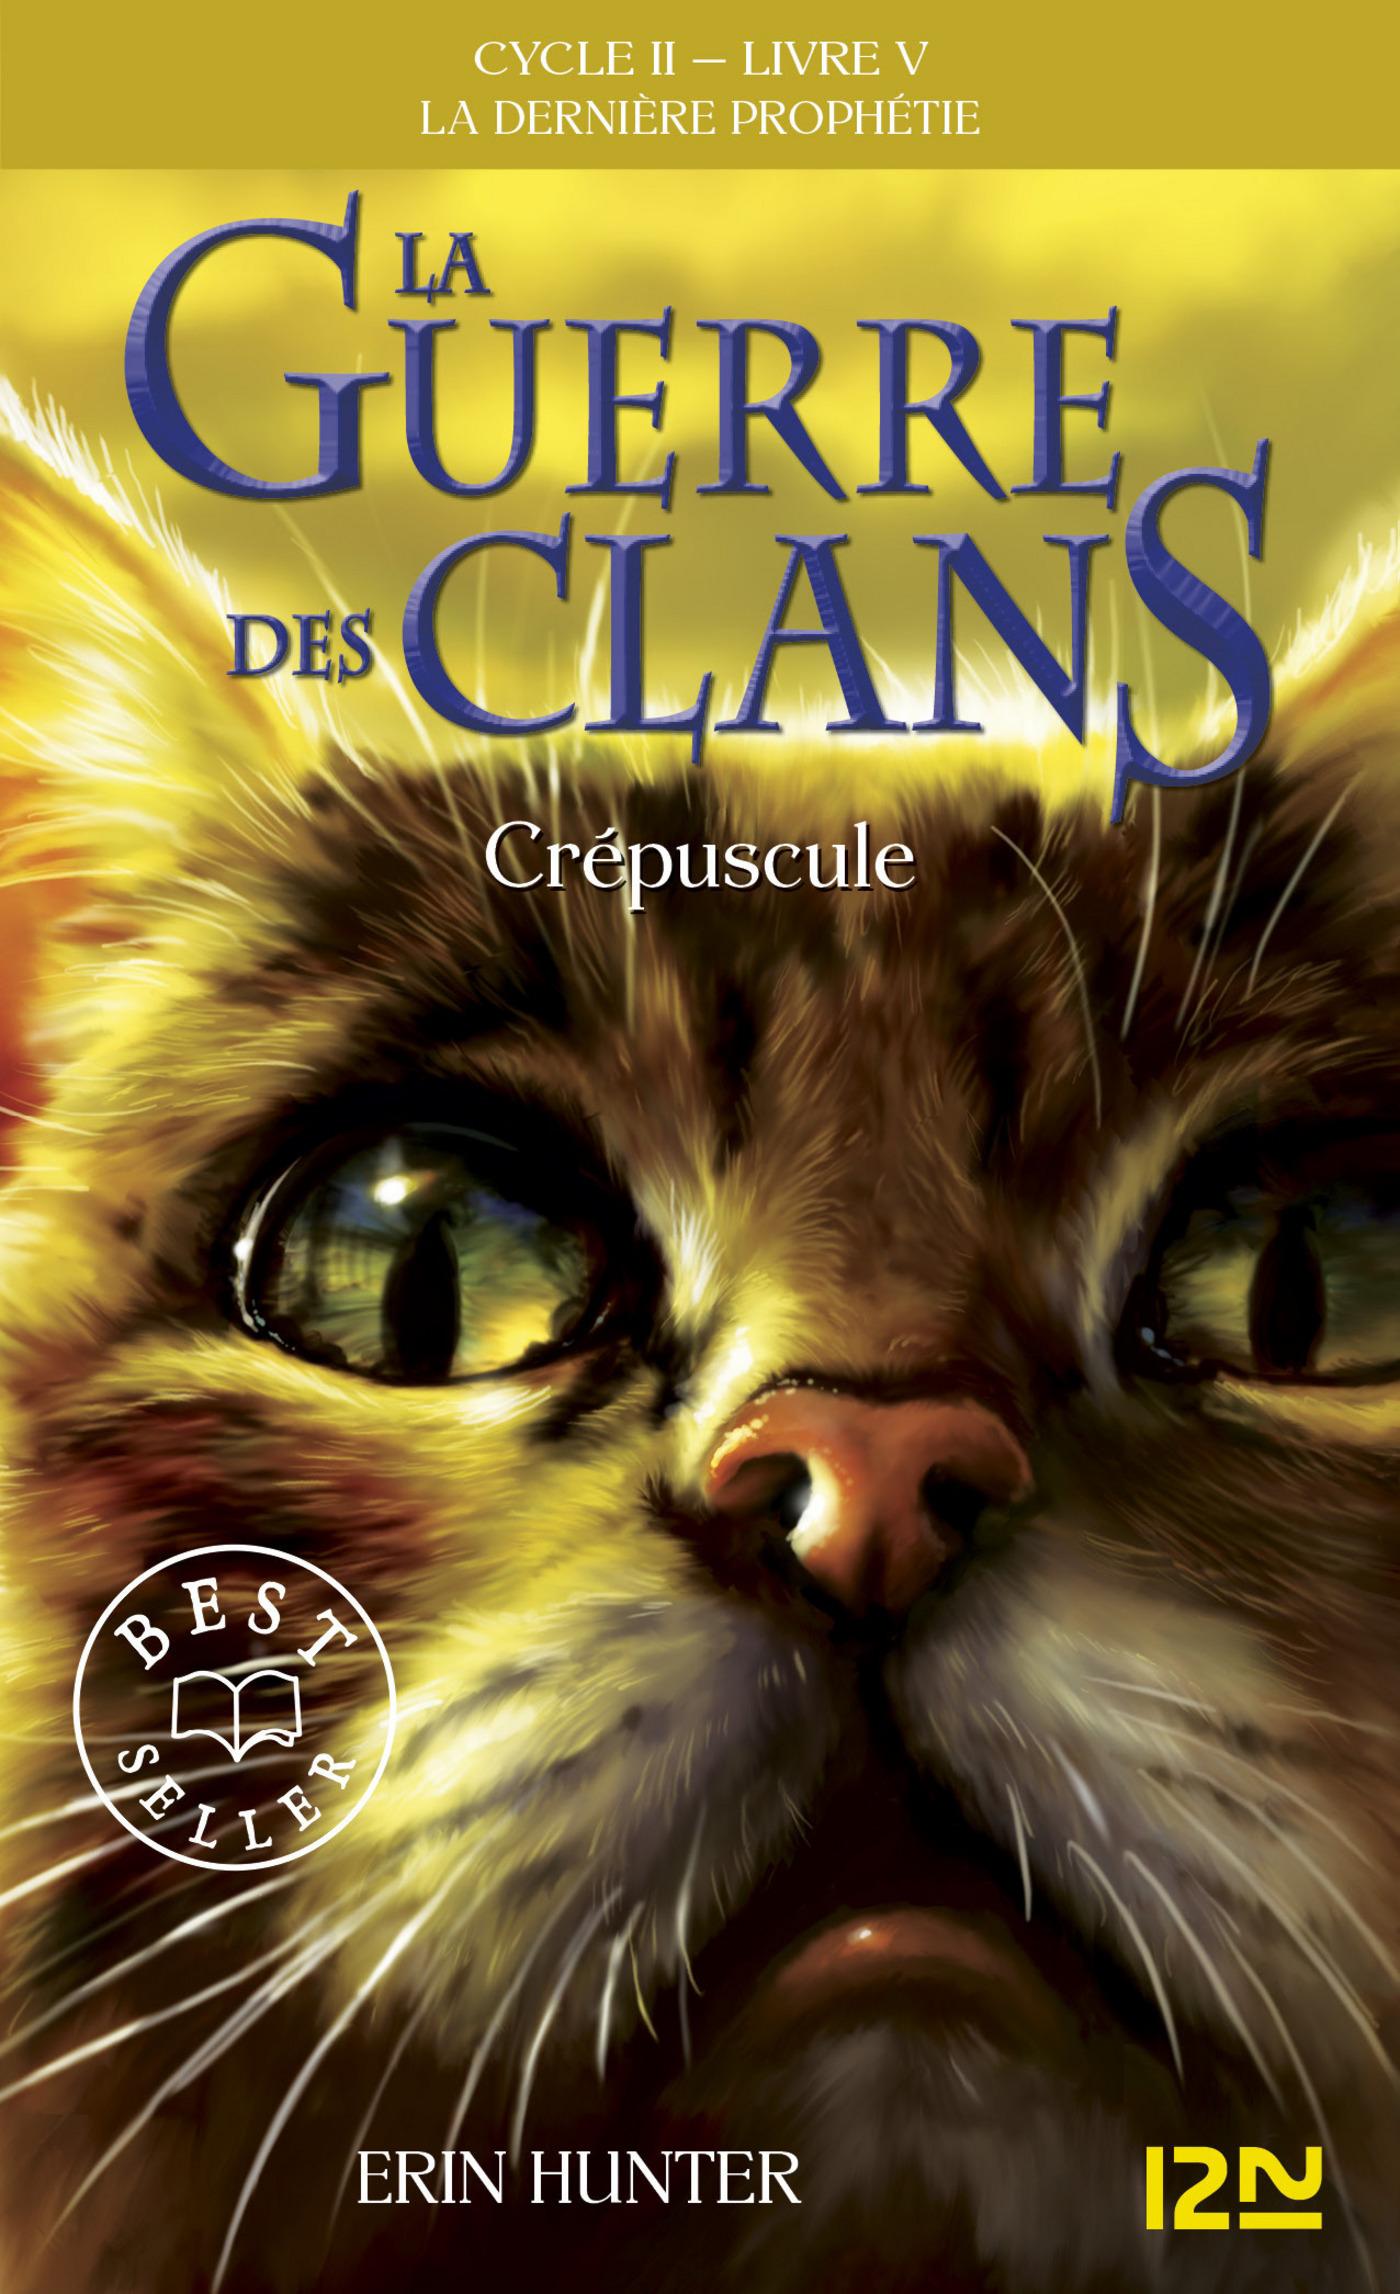 La guerre des clans II - La dernière prophétie tome 5, CRÉPUSCULE